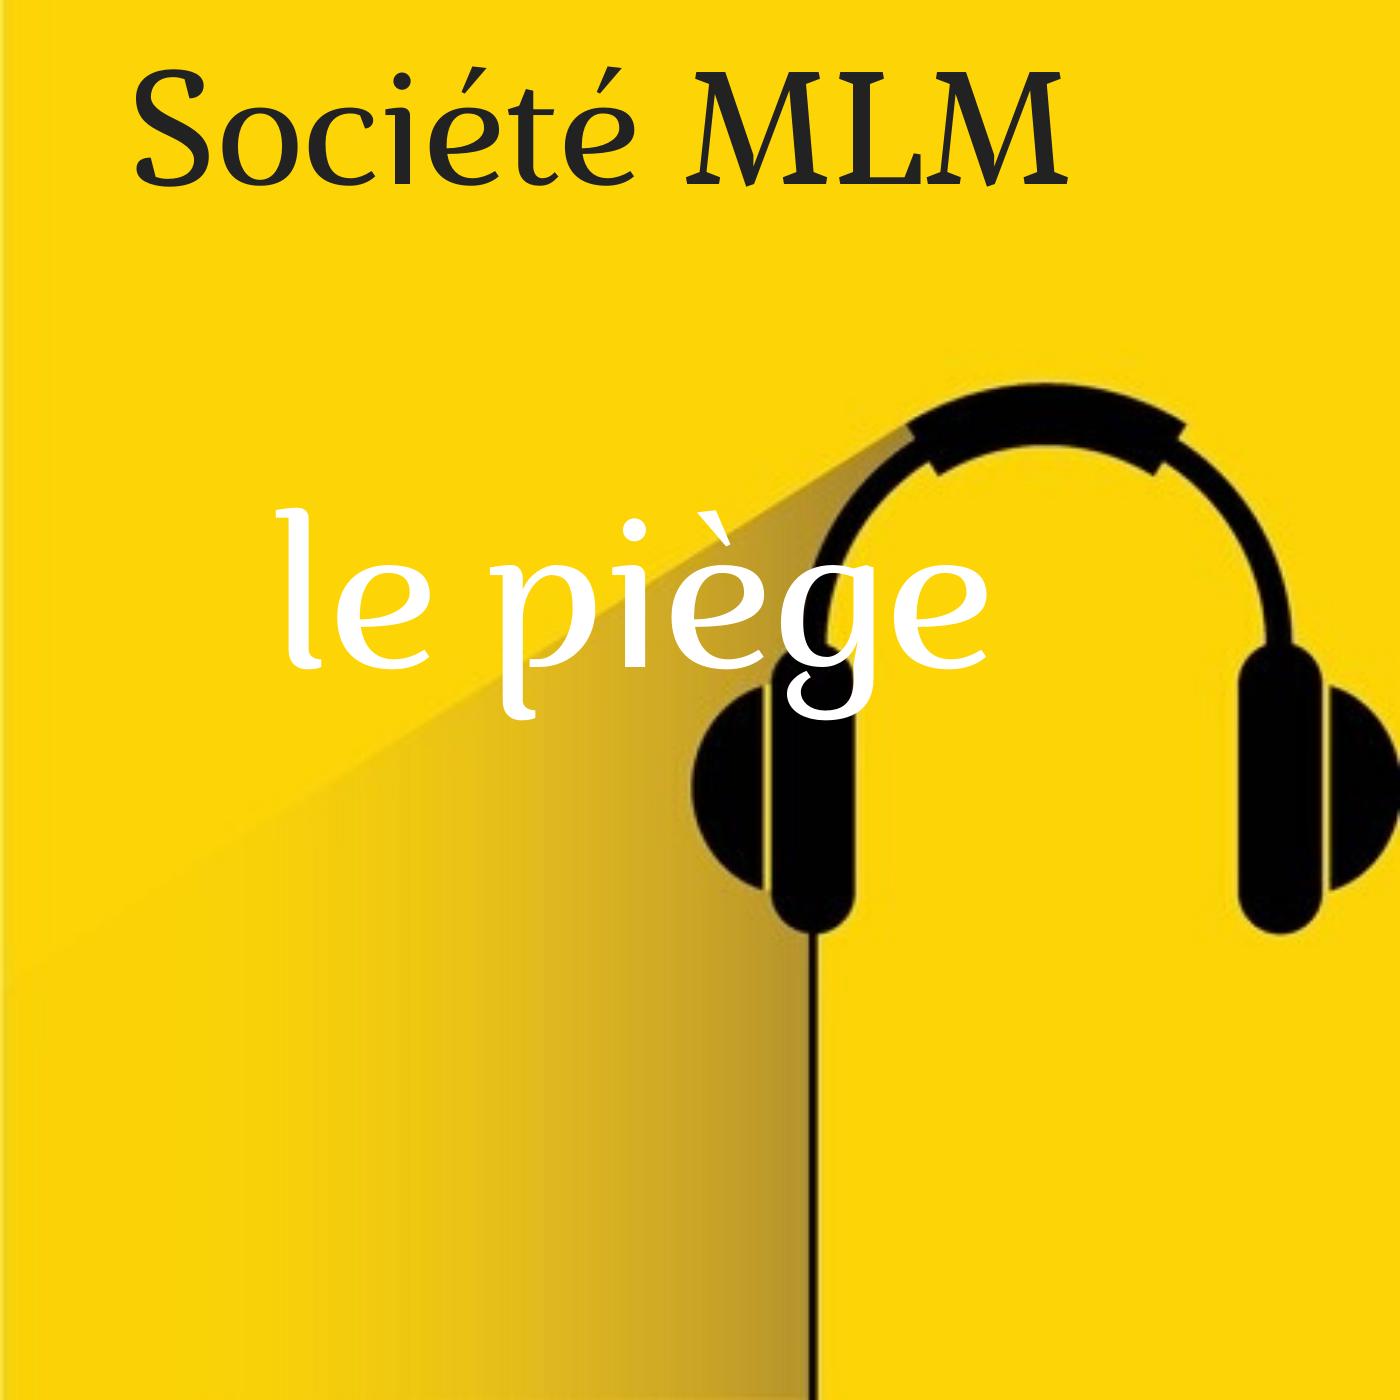 Société MLM : 1 inconvénient majeur